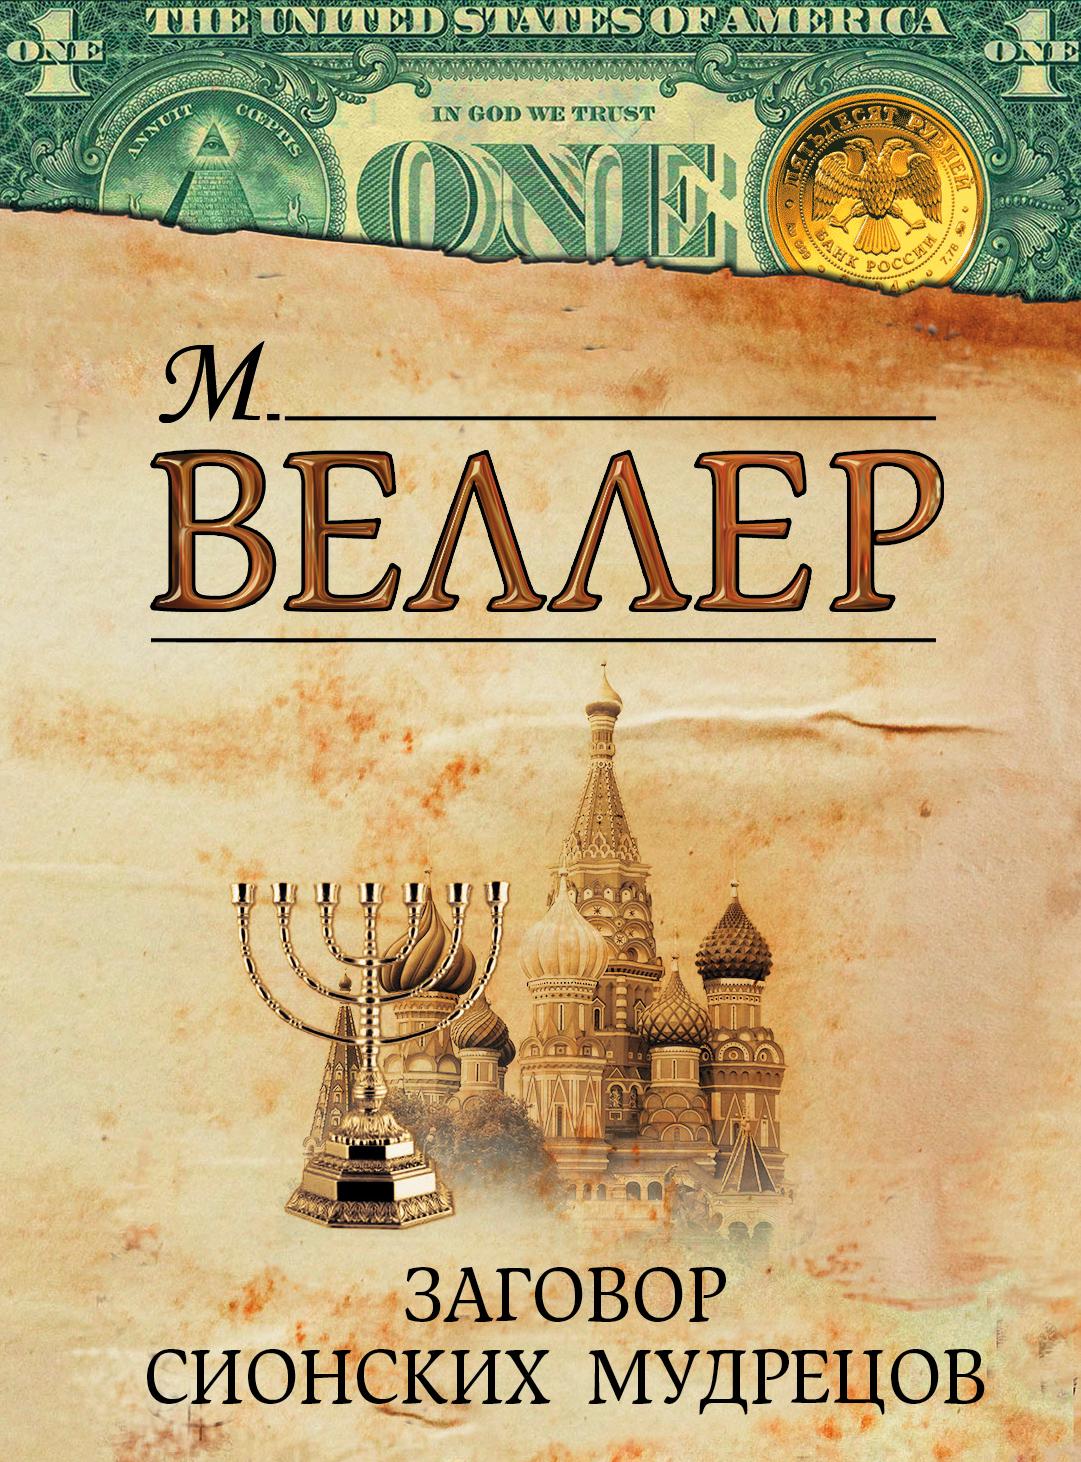 Купить Заговор сионских мудрецов, Михаил Веллер, 978-5-17-080524-2